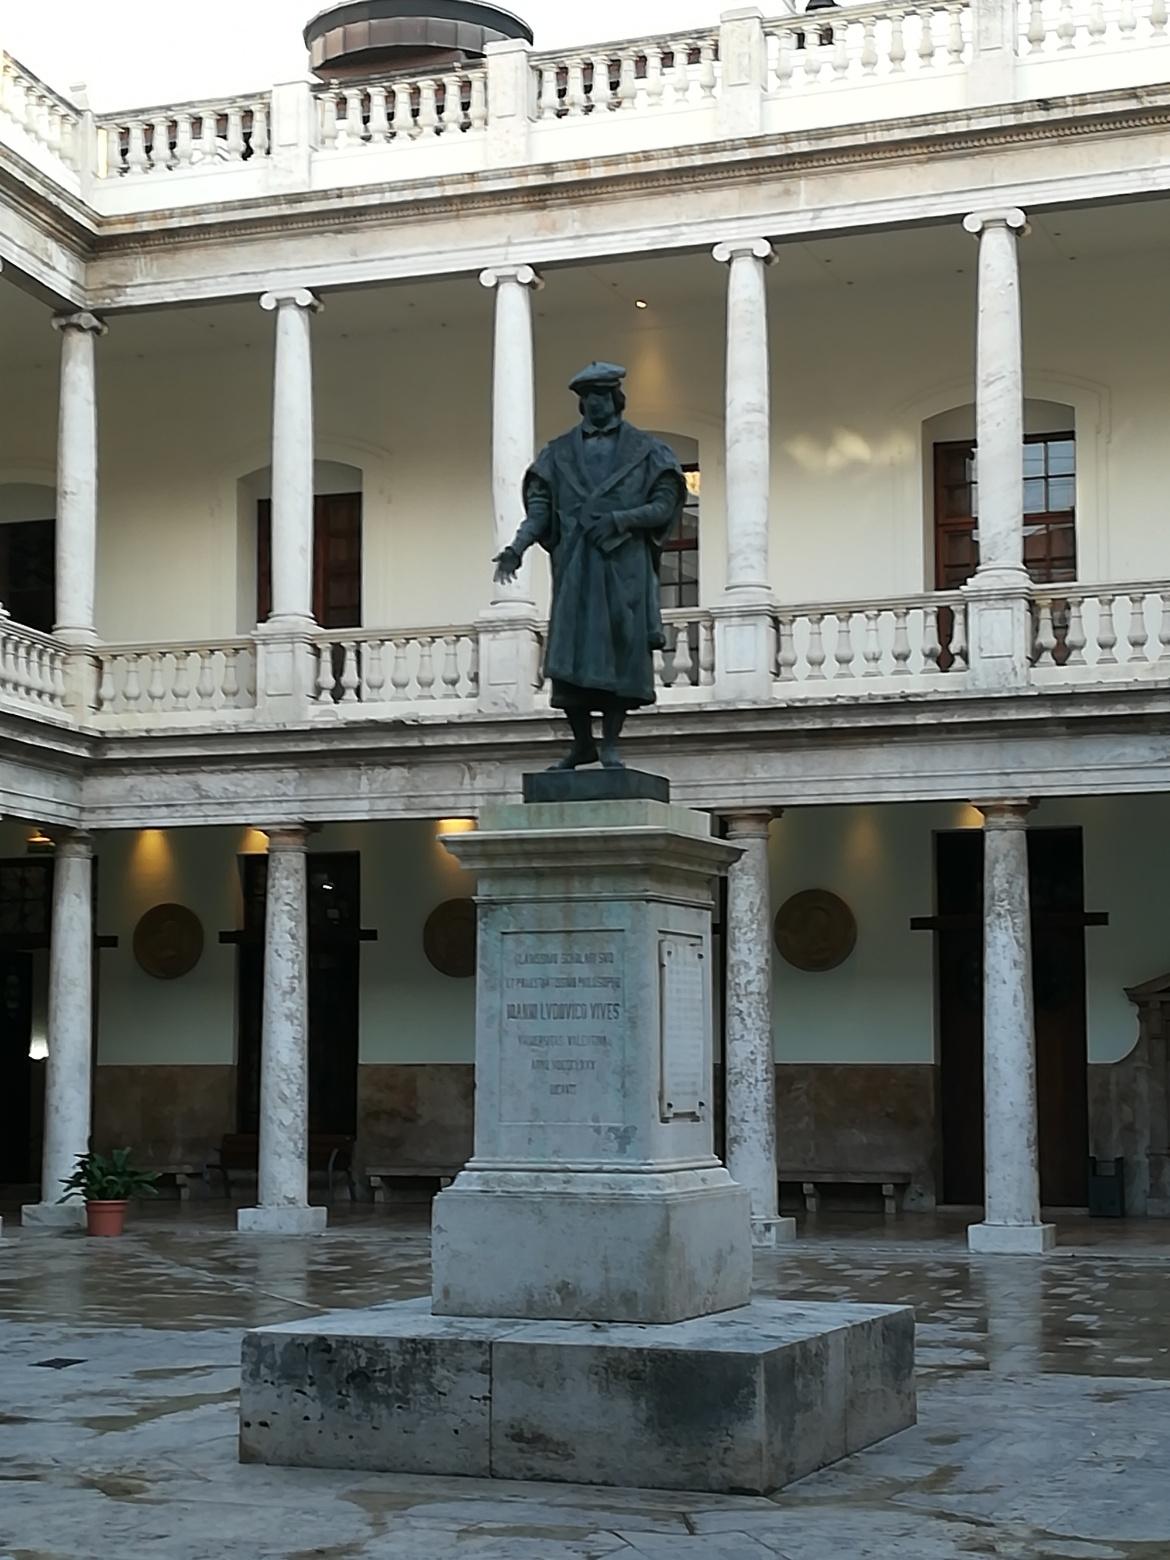 Patio (Innenhof) des Gästehauses der Universität València